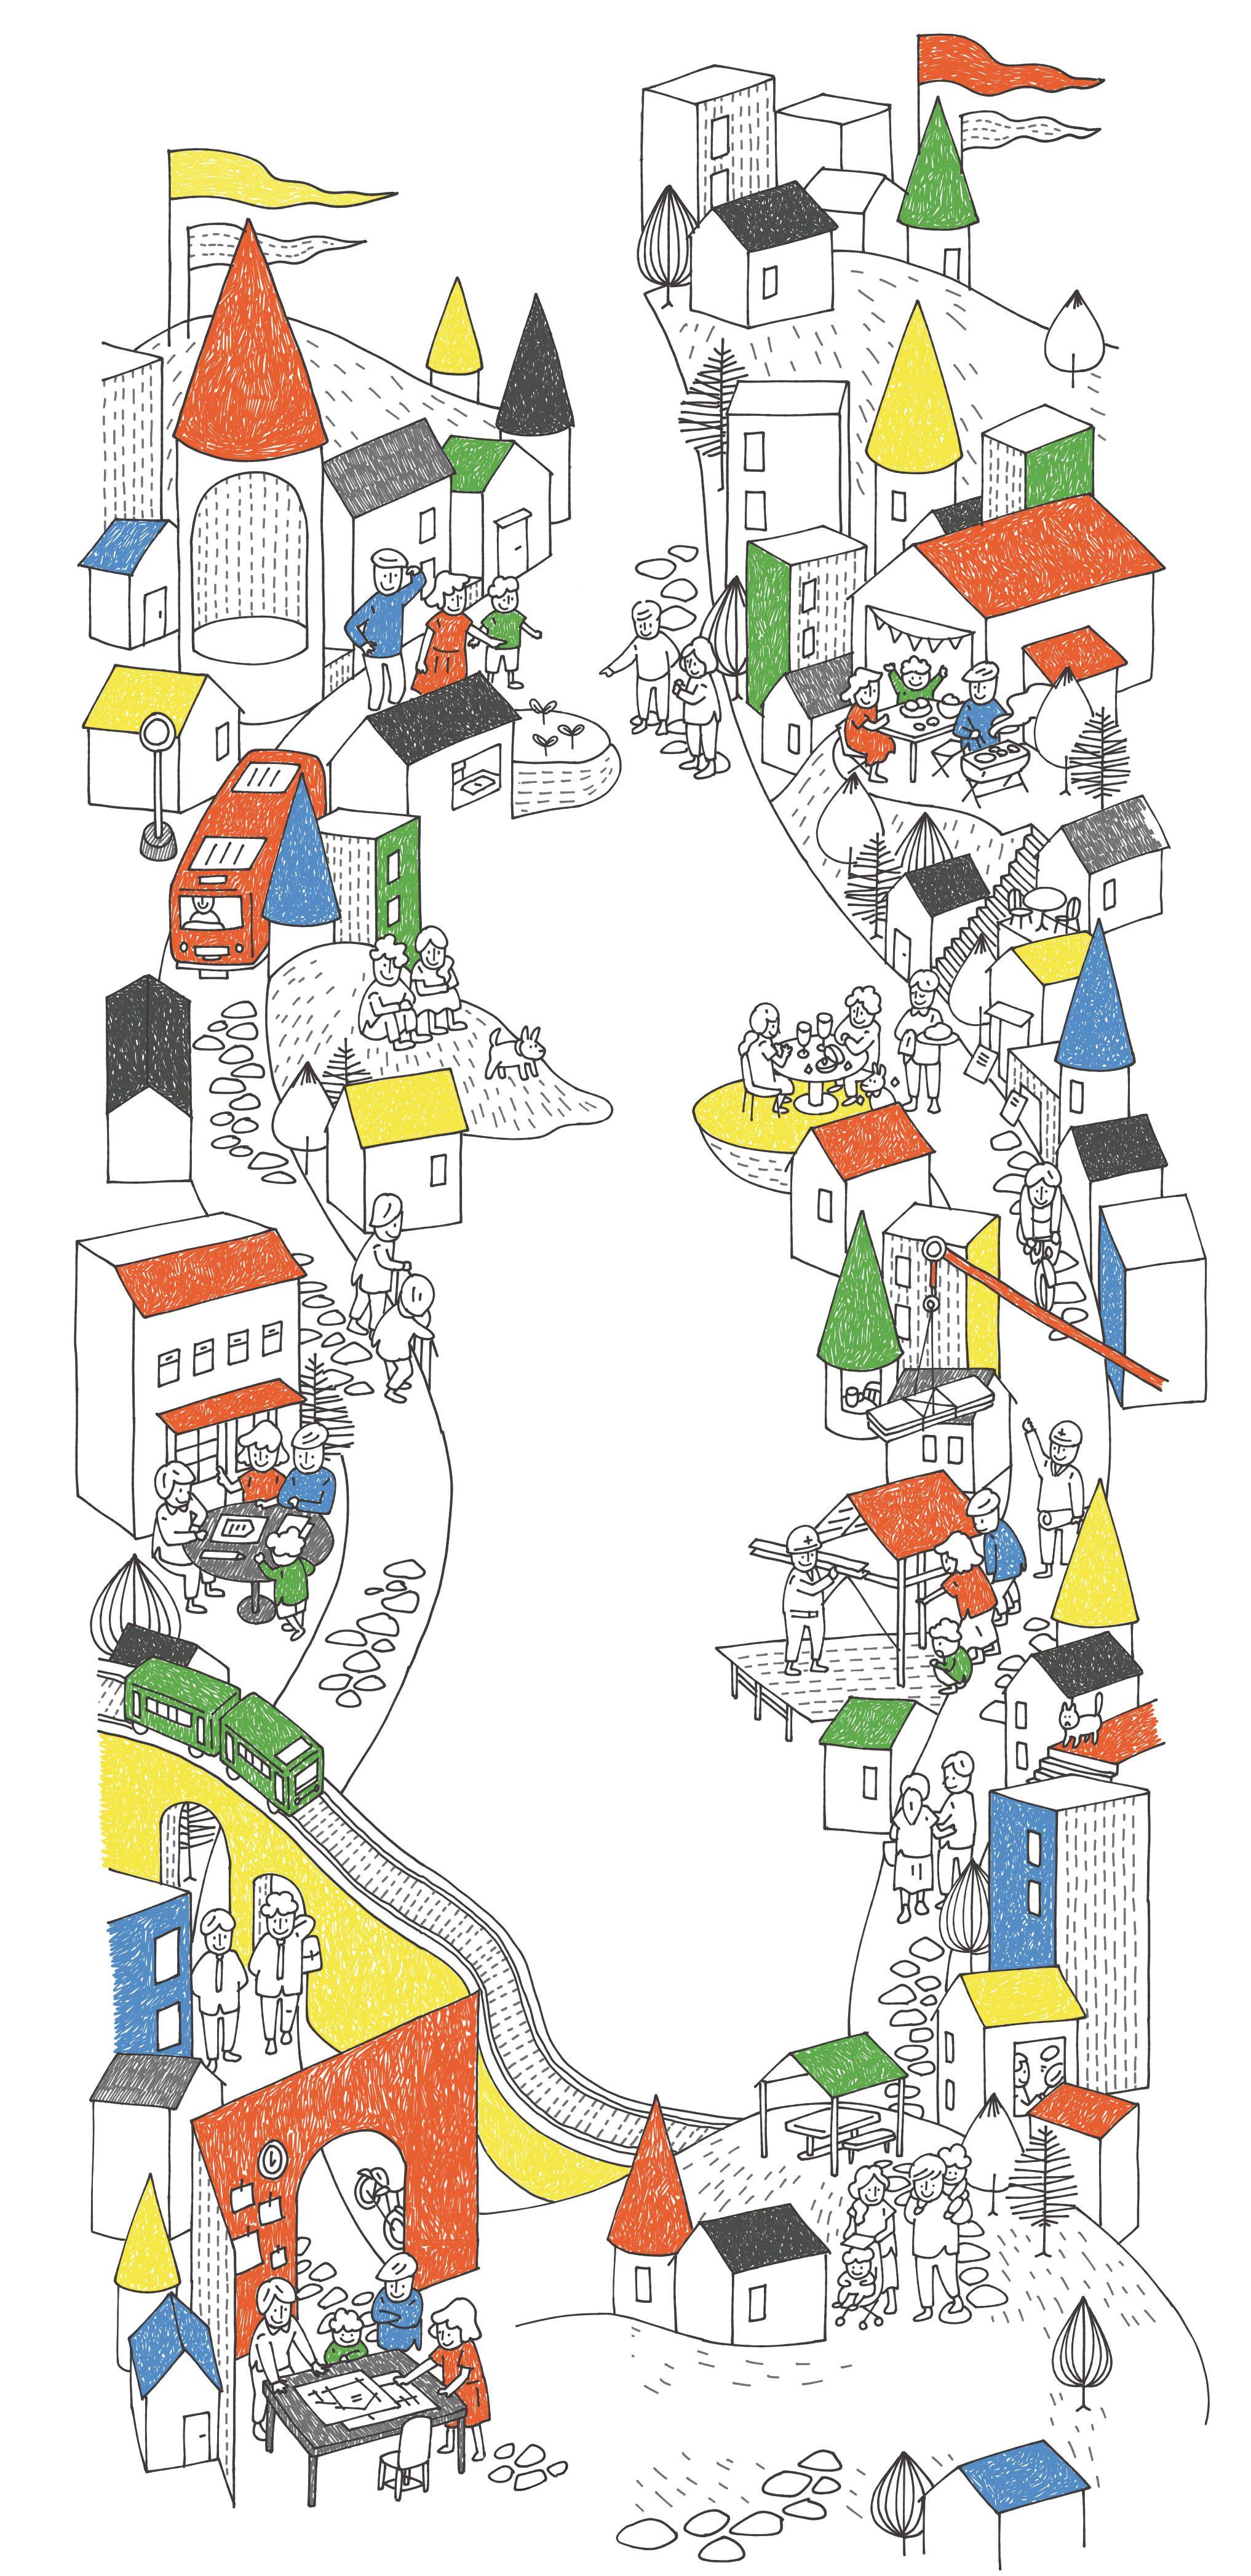 ケンチクイラストレーター イスナデザイン 月刊housing 街 建築